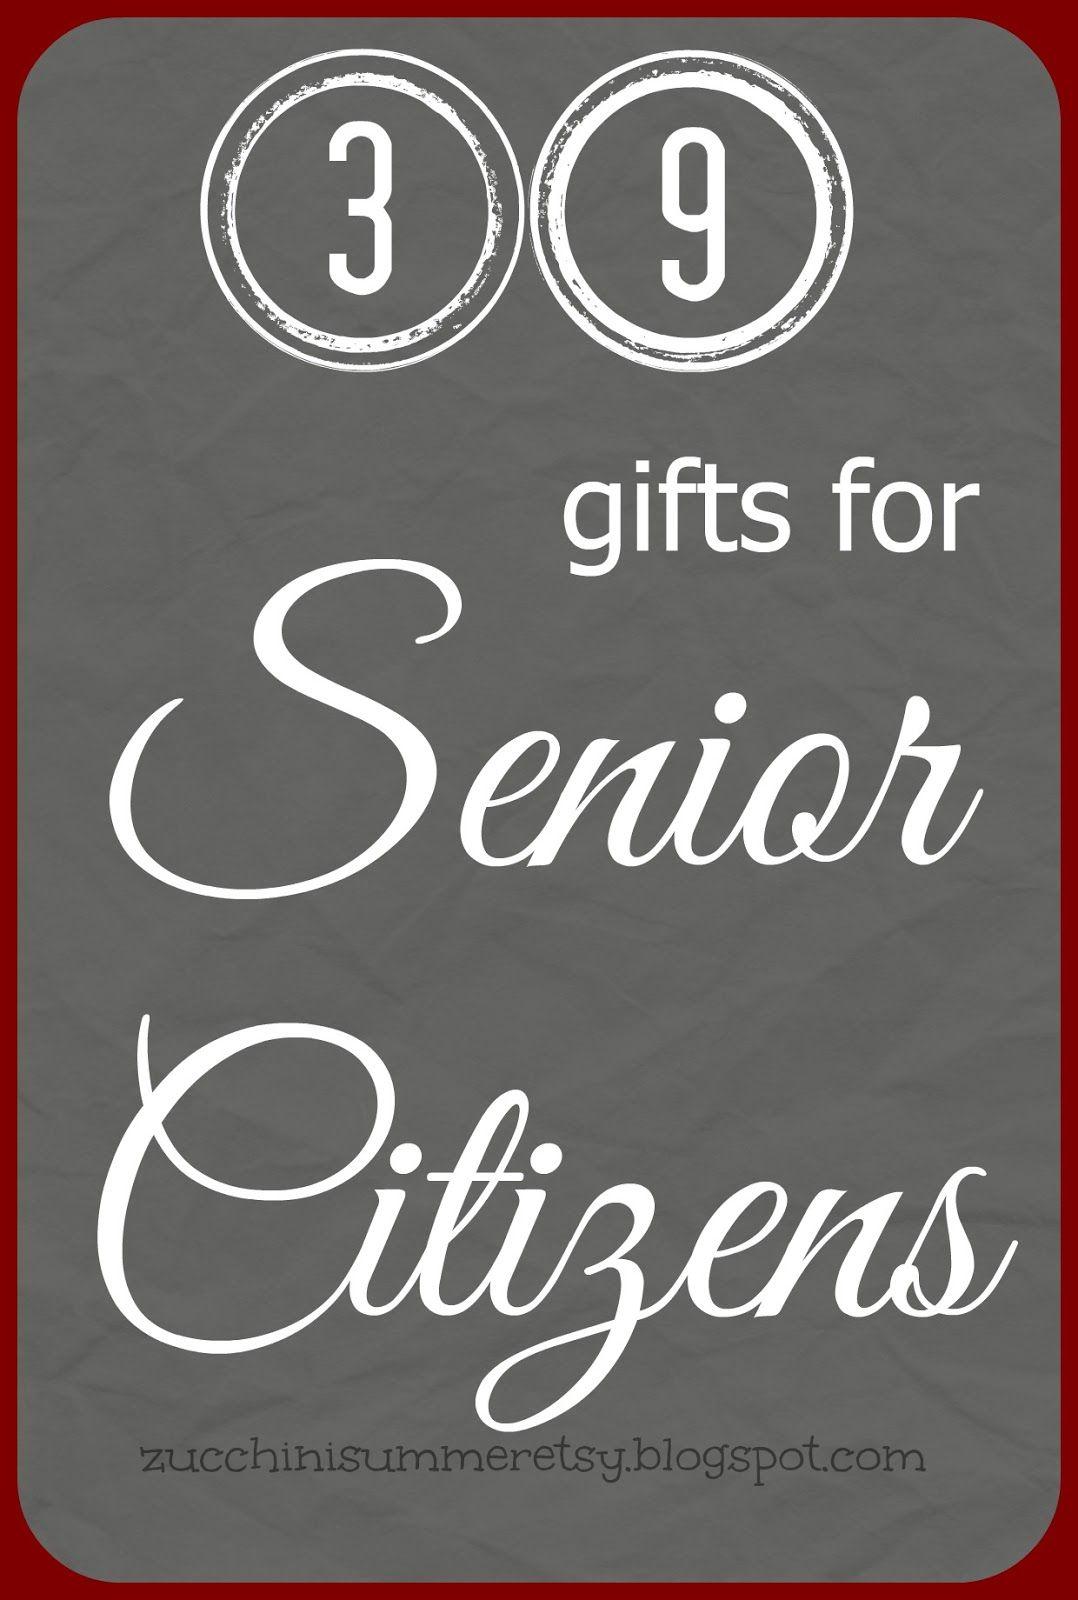 gifts for senior citizens  sc 1 st  Pinterest & Gifts for Senior Citizens | Christmas Ideas | Gifts for seniors ...